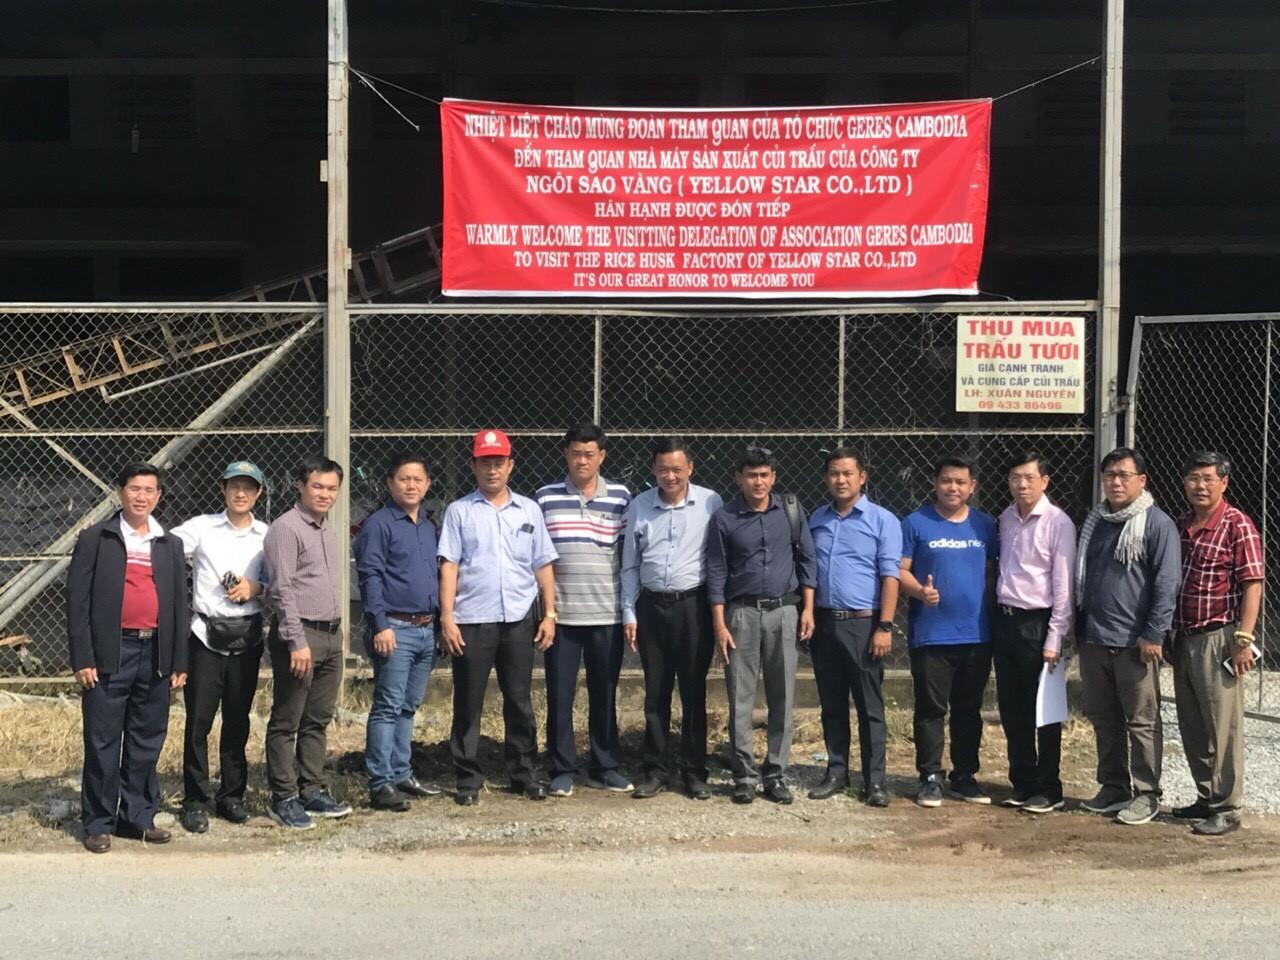 Đoàn Geres Cambodia thăm nhà máy